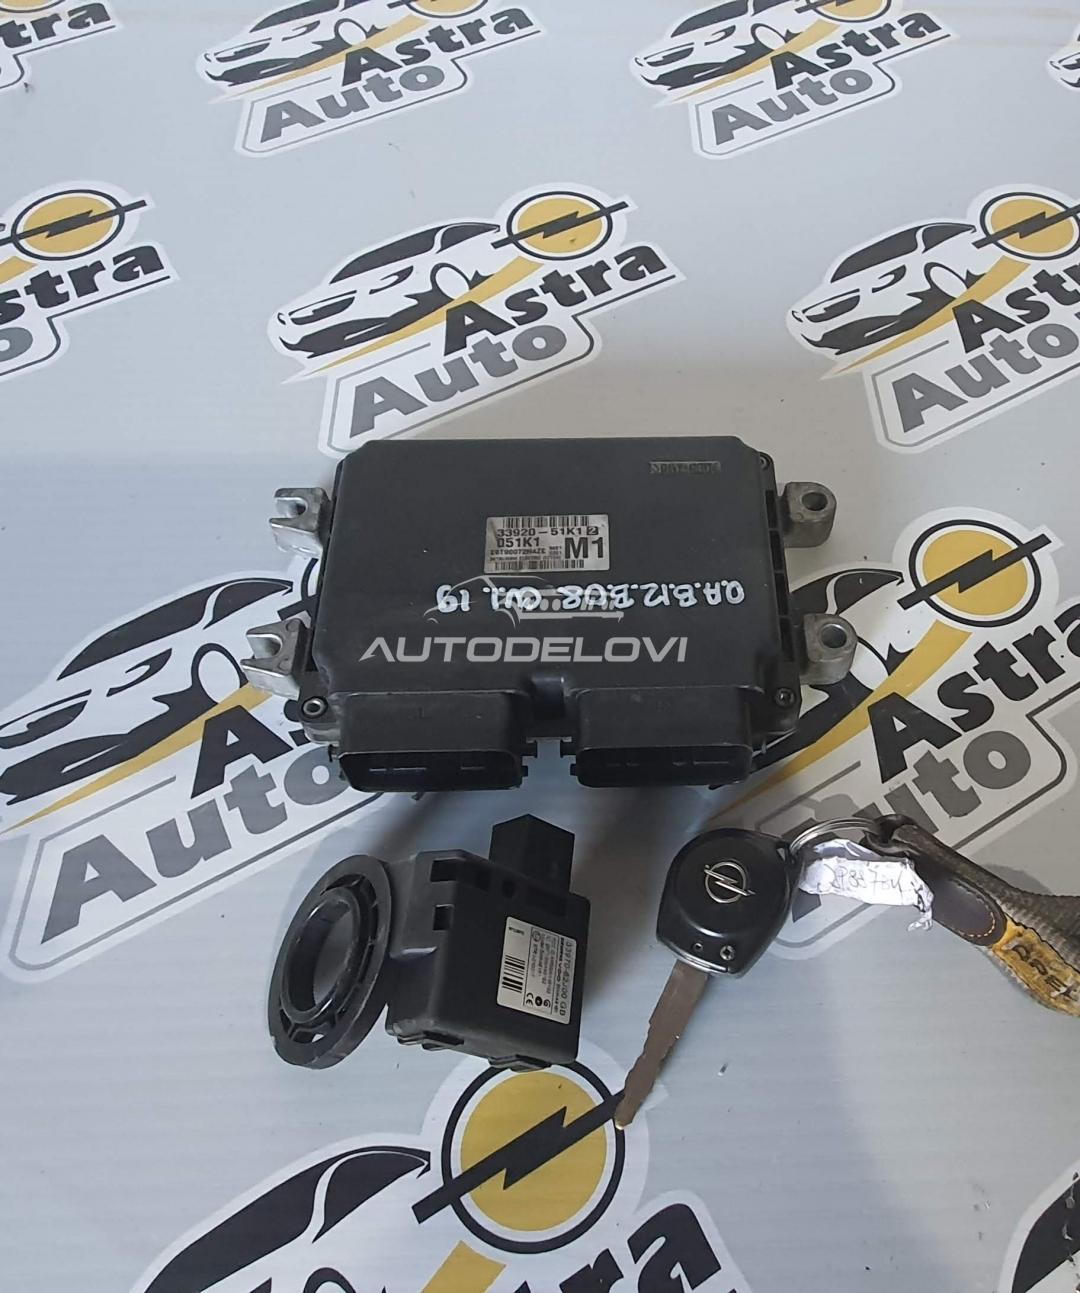 Motorni kompjuter Agila B 1.2 (K12 B) Model (2007-2014)